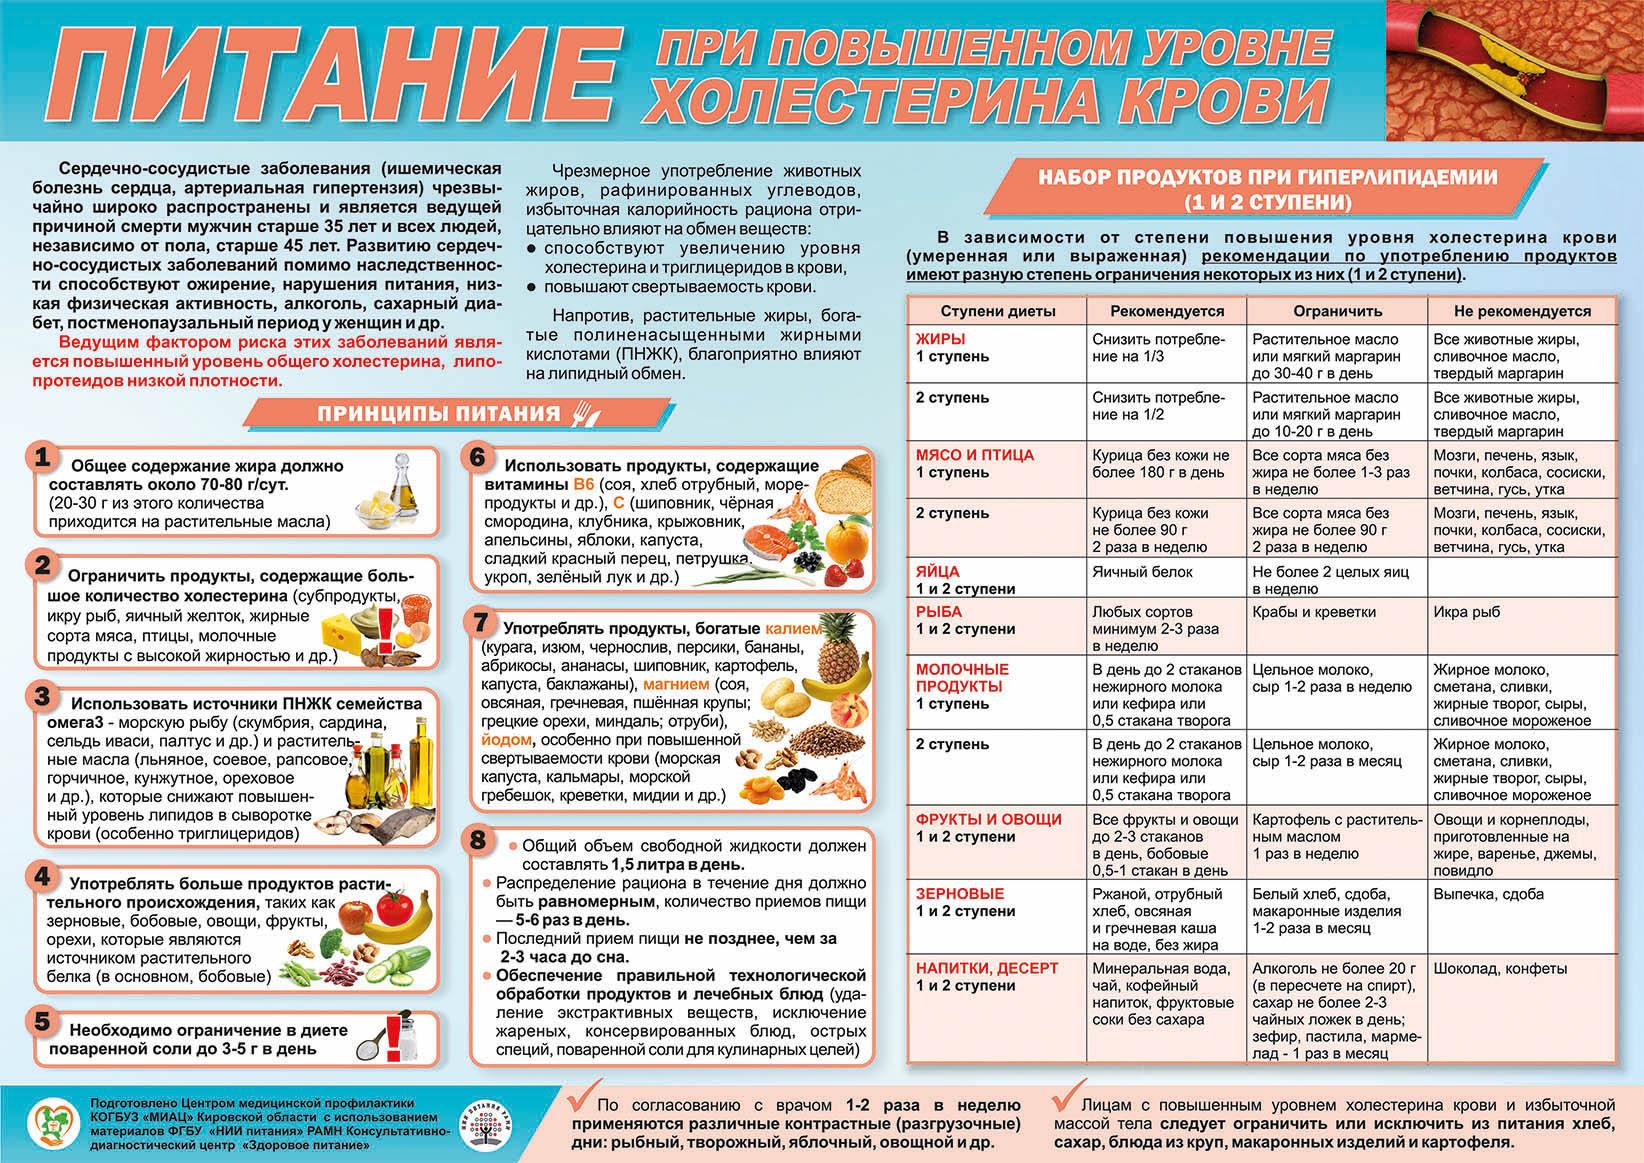 холестерин в крови при атеросклерозе